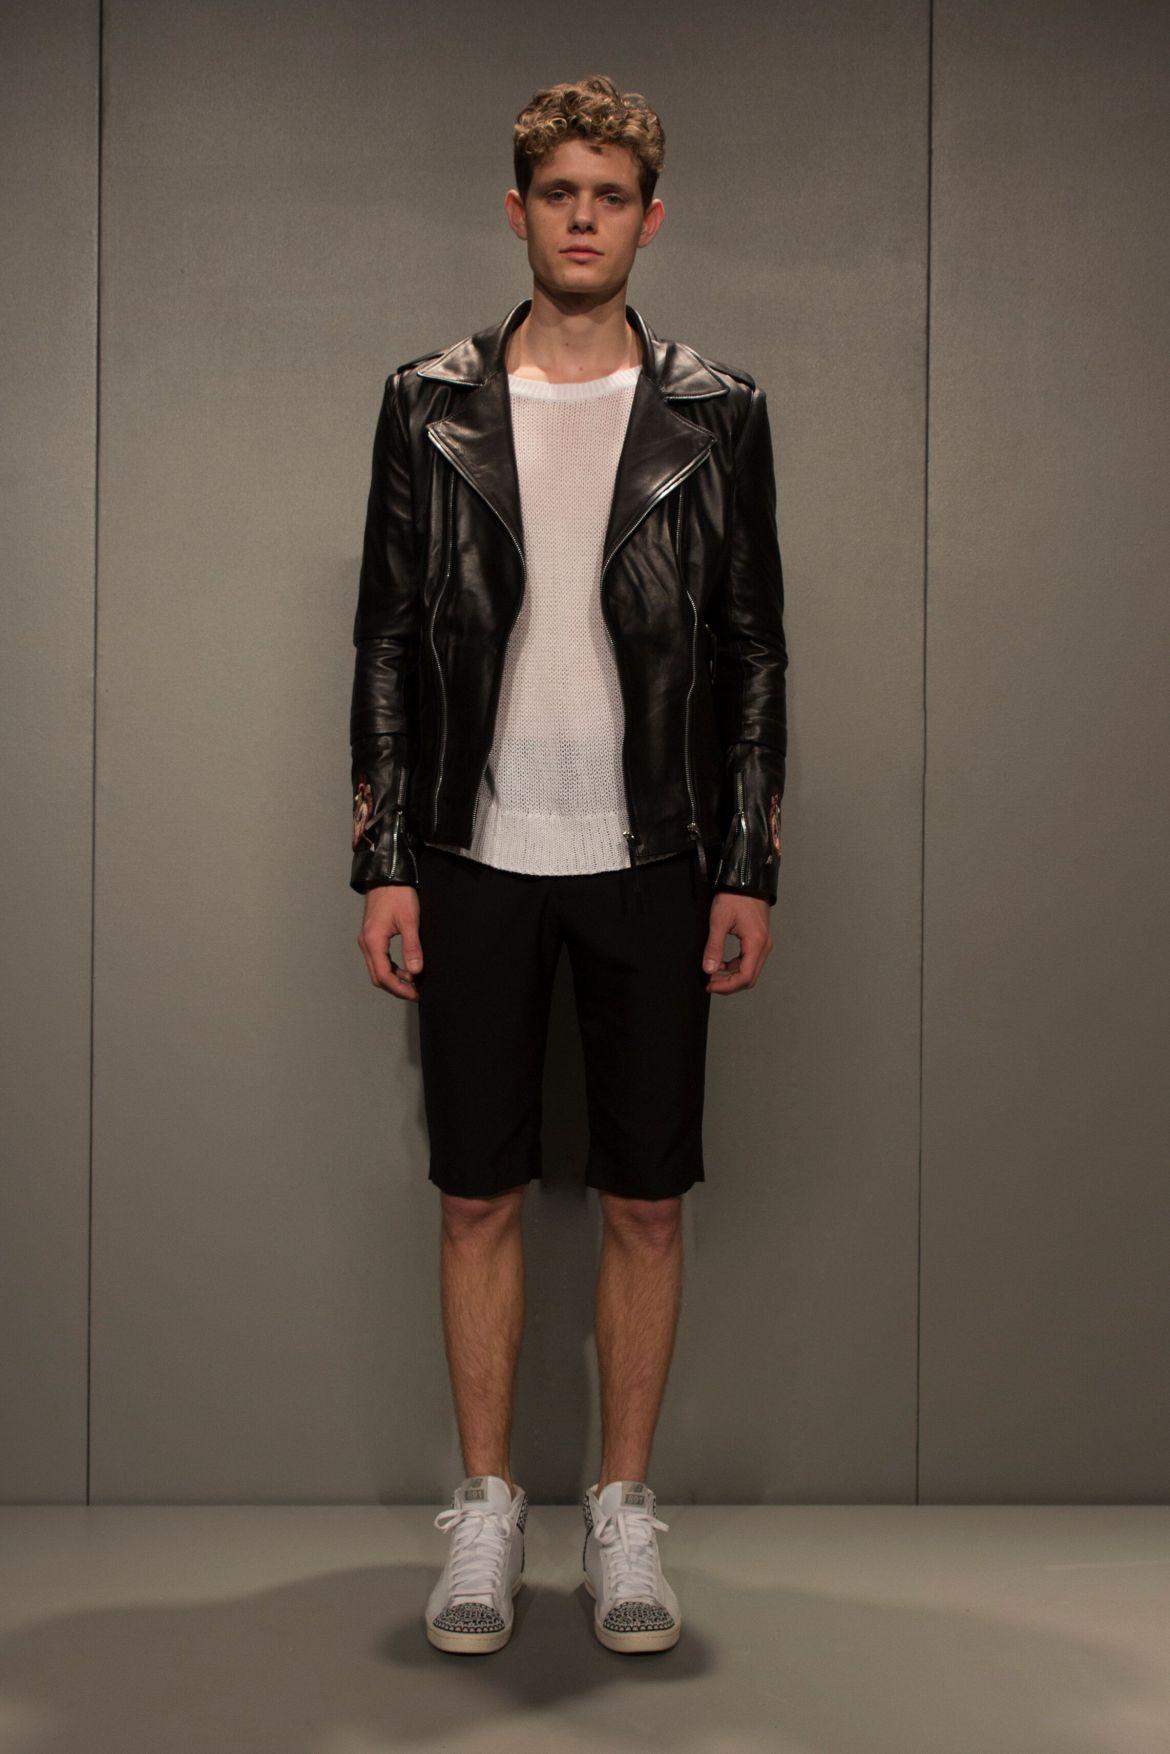 ricardo seco, nyfwm, new york fashion week, new york fashion week mens, ss16